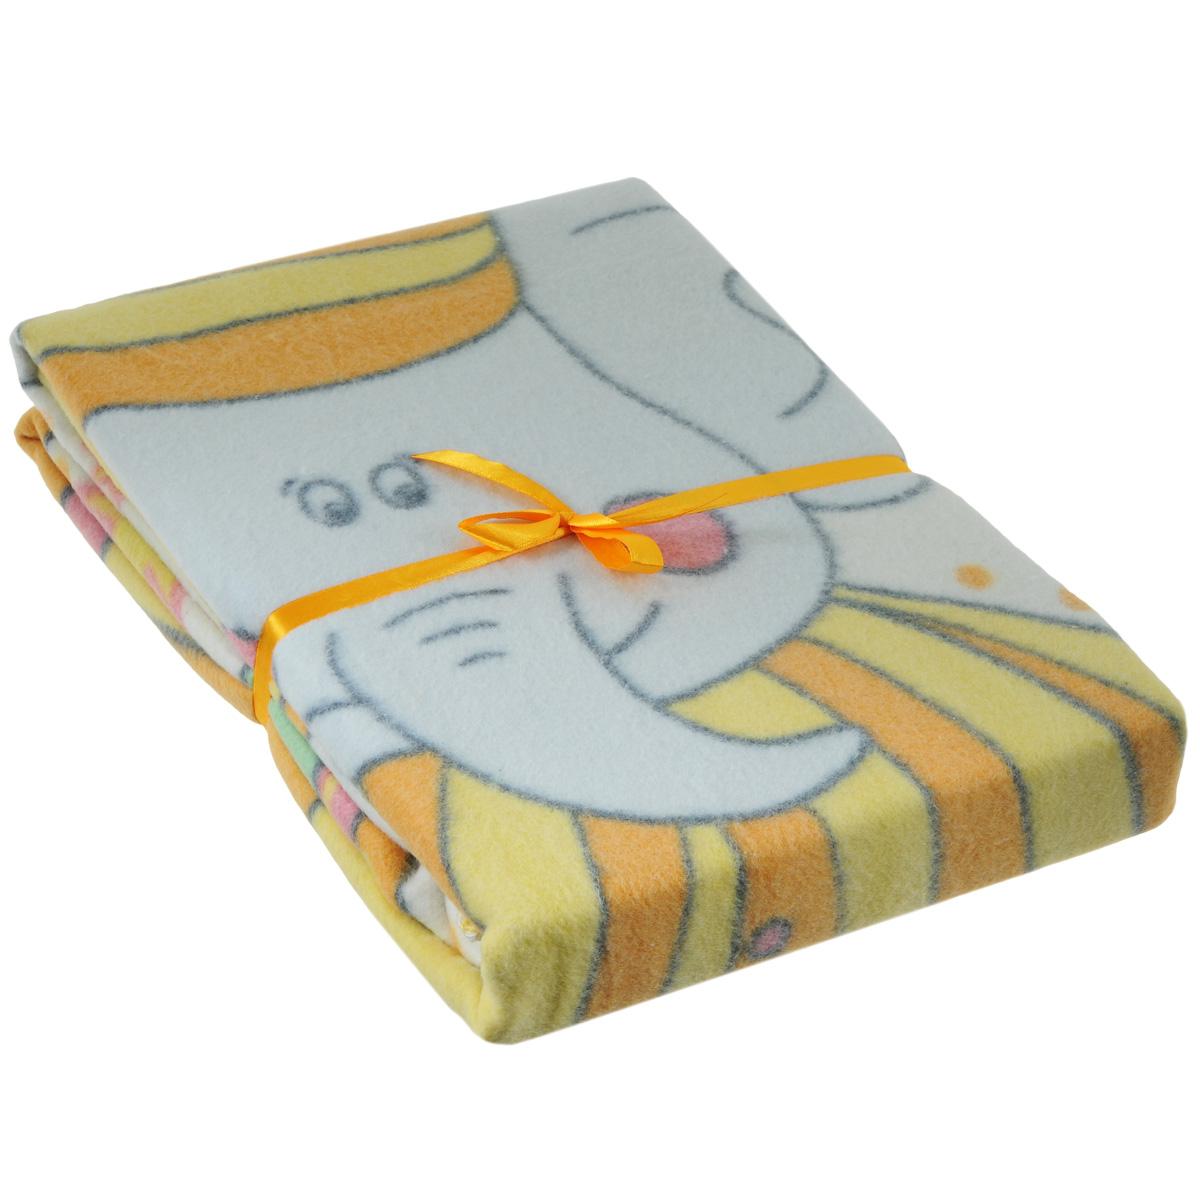 Одеяло детское Baby Nice Пора спать, байковое, цвет: желтый, 100 см x 140 смD311511Детское байковое одеяло Baby Nice Пора спать изготовлено изнатурального100% хлопка и оформлено ярким рисунком. Такое одеяло будет бережно хранитьбезмятежный сон вашего ребенка. Ребенок, спящий под байковым одеялом,словно укрытый нежным мягкимоблаком, находится в тепле, и не потеет при этом. Дышащая способностьнатурального хлопка позволяет добиться такого эффекта. Легкий по ощущениямматериал имеет небольшой вес, но вместе с тем, является плотным и хорошосохраняет тепло. Кроме того, ткань гигроскопична, а значит впитываетизбыточную влагу, не становясь при этом влажной на ощупь.Детское одеяло Baby Nice Пора спать - лучший выбор для тех, ктостремитсяпроявить заботу о своем ребенке.Материал: 100% хлопок. Размер: 100 см х 140 см.